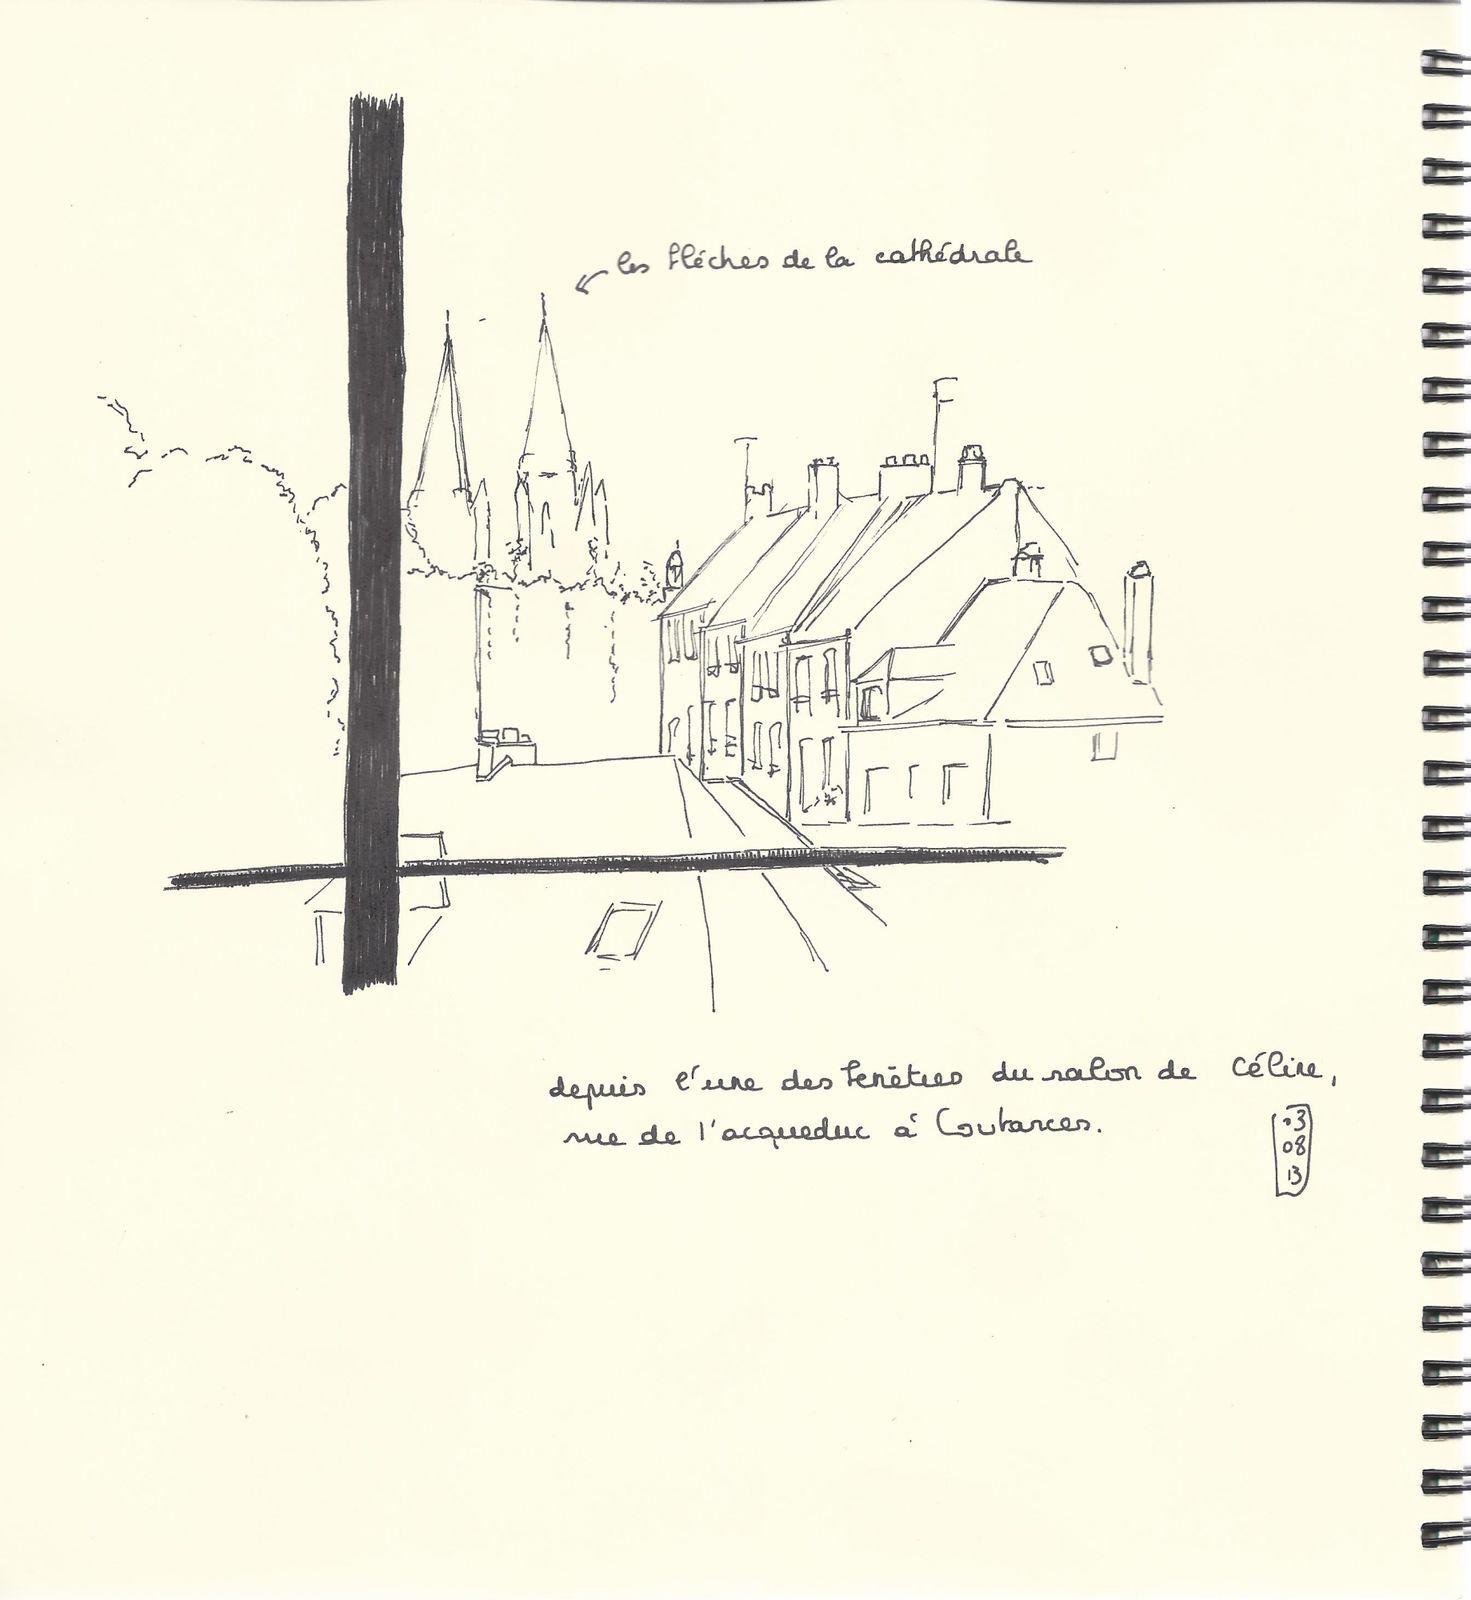 Croquis et aquarelles en Cotentin # 1